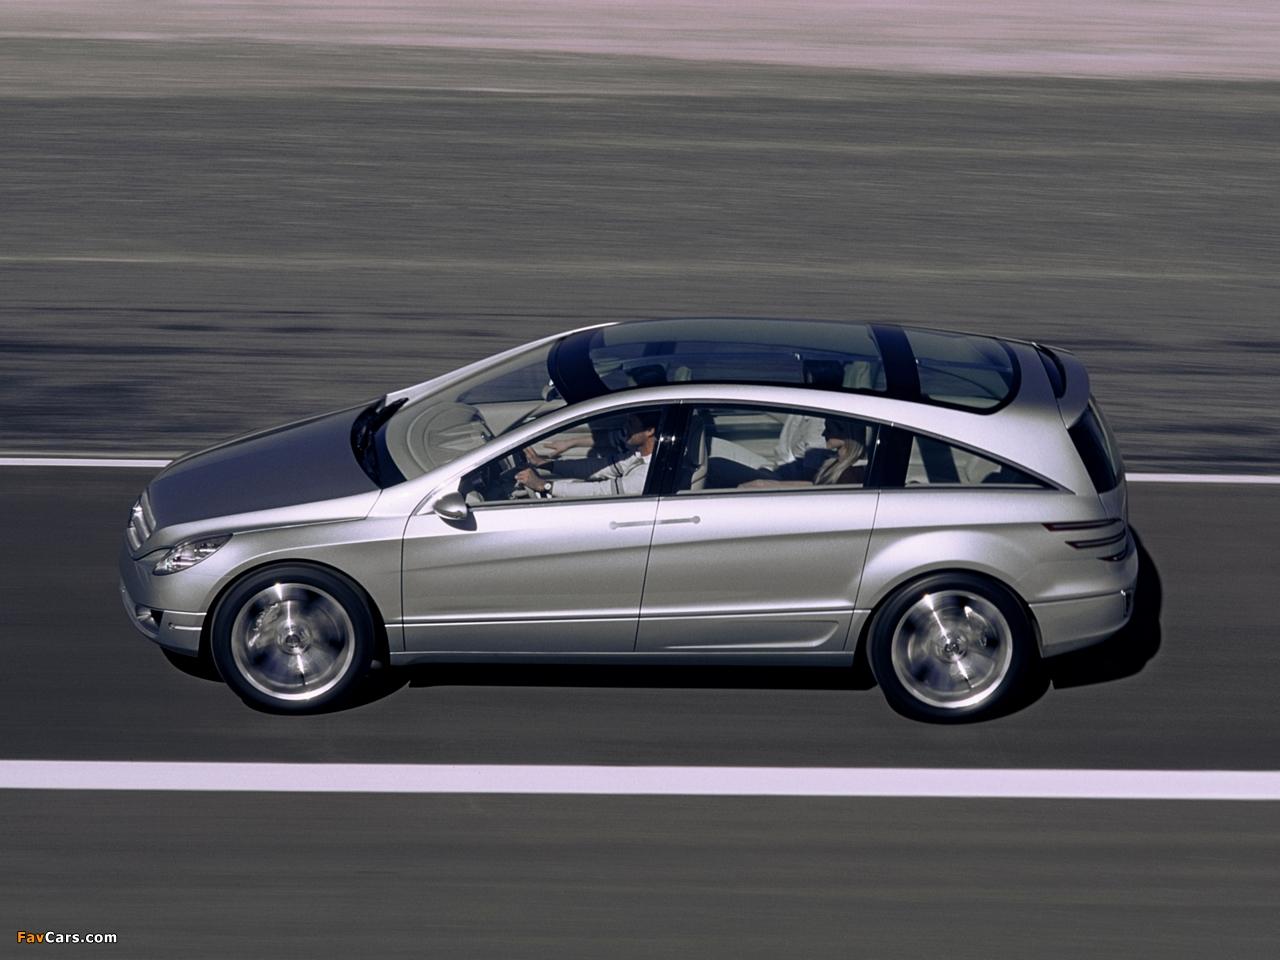 Photos of Mercedes-Benz Vision GST Concept 2002 (1280x960)